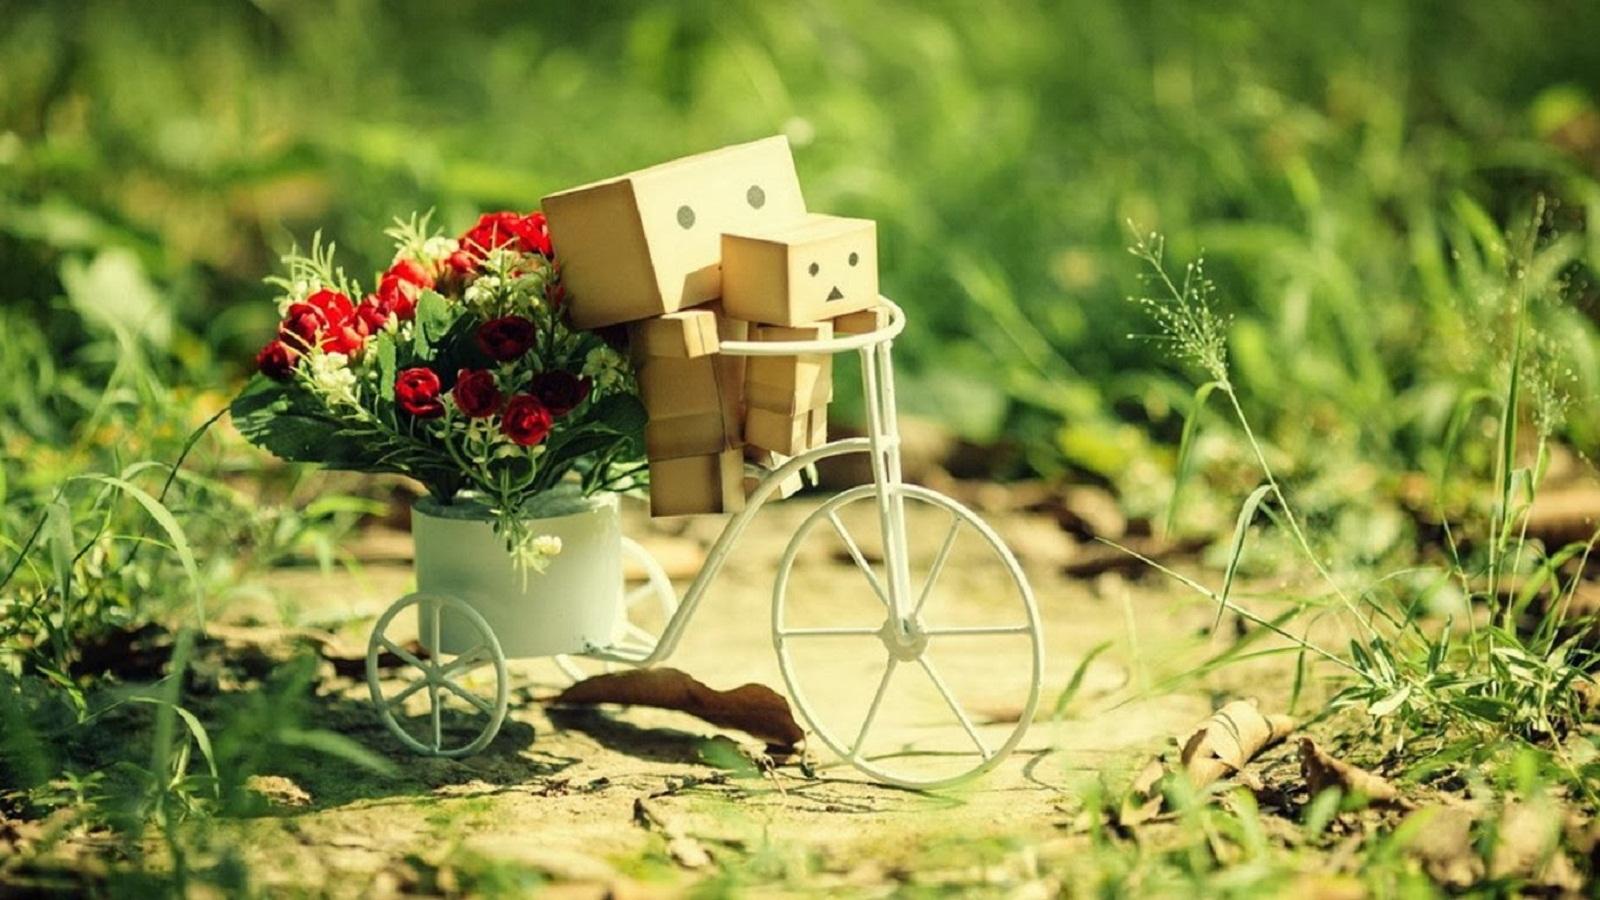 Hình ảnh người gỗ chở xe đạp lai người gỗ nhỏ